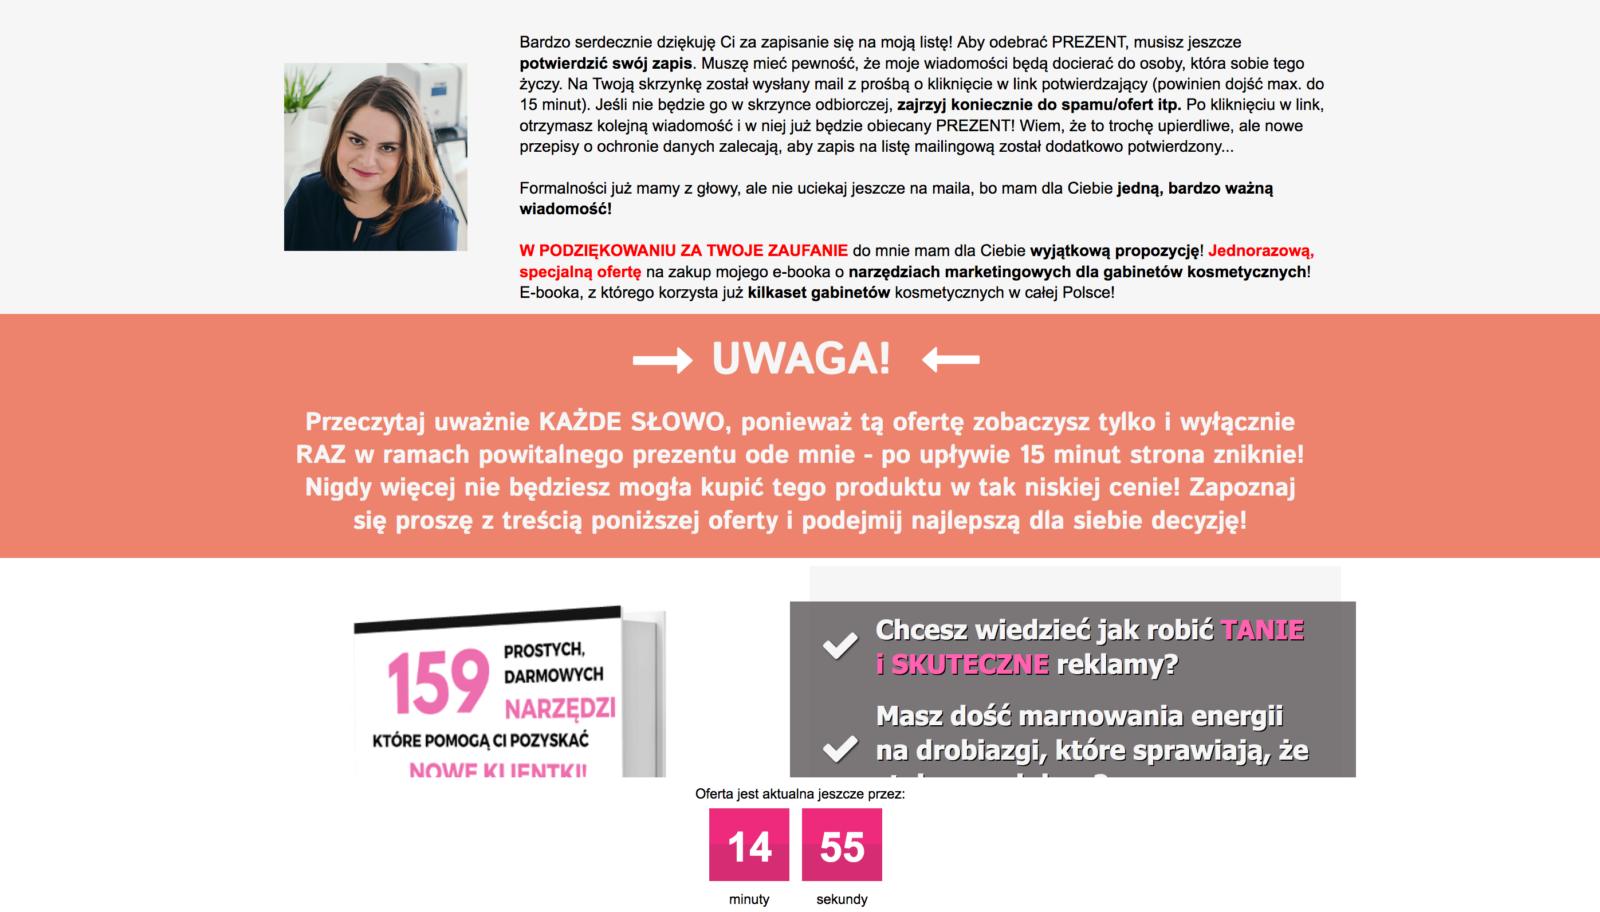 One Time Offer dla branży kosmetycznej - Landing Page